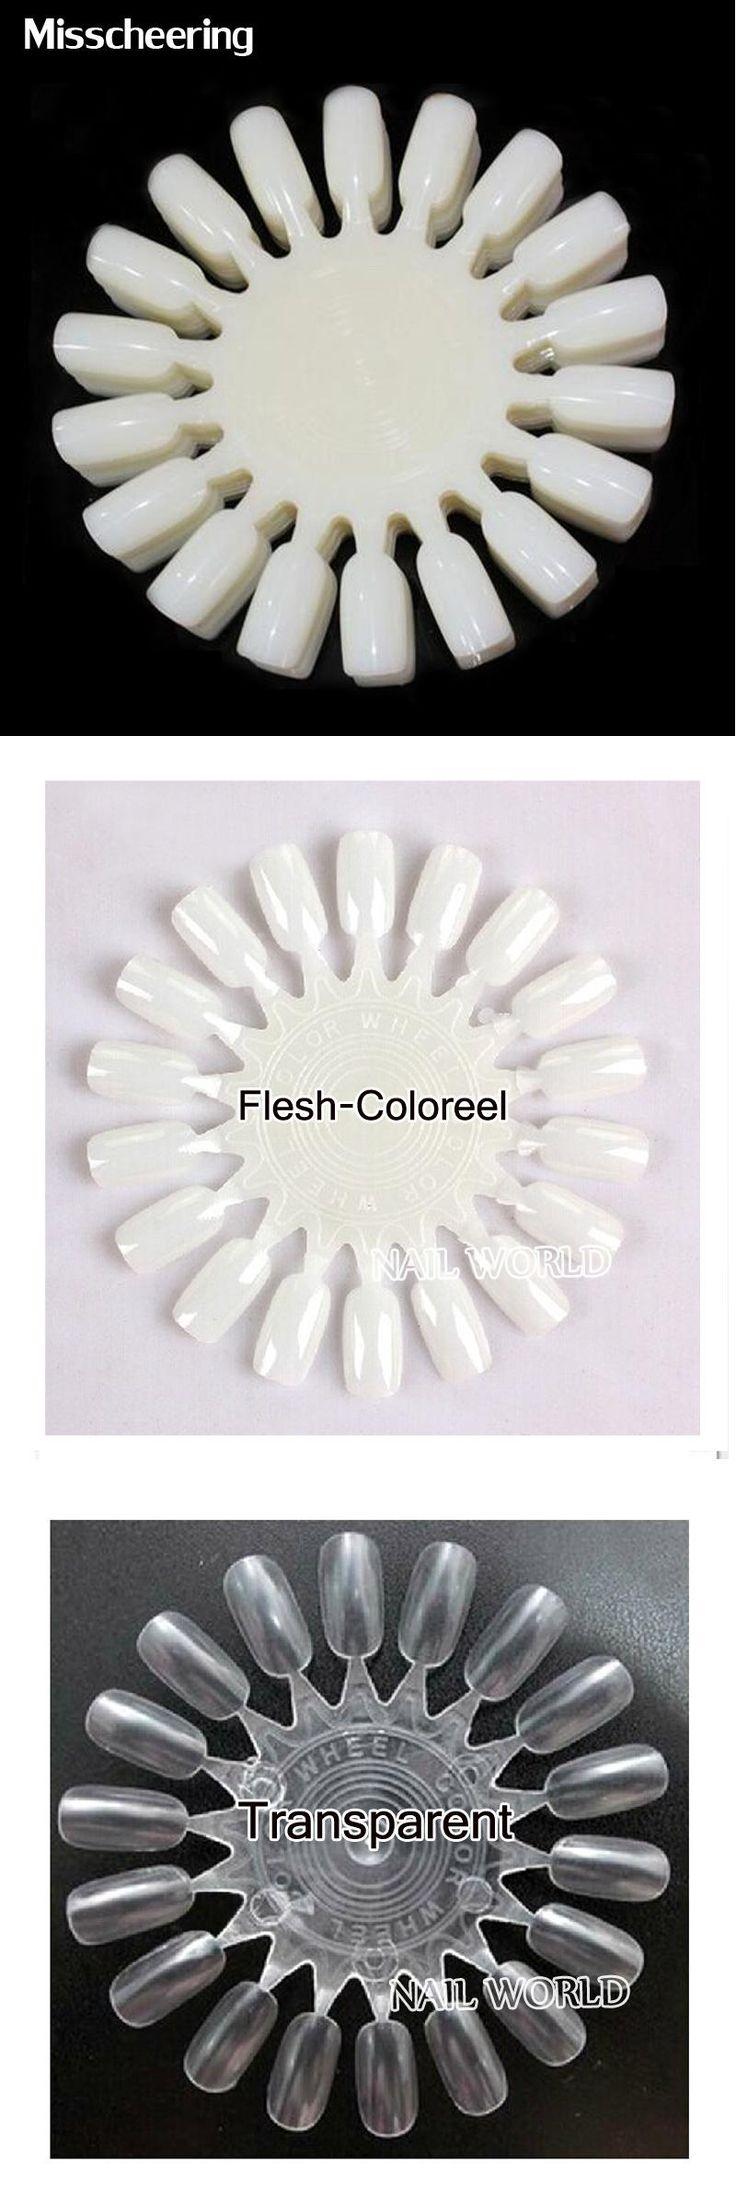 [Visit to Buy] False Nail Tips Display 10pcs/pack Natural White&Clear Acrylic Nail Color Chart Nail Polish Practice Wheel,Nail Tools Supplies #Advertisement